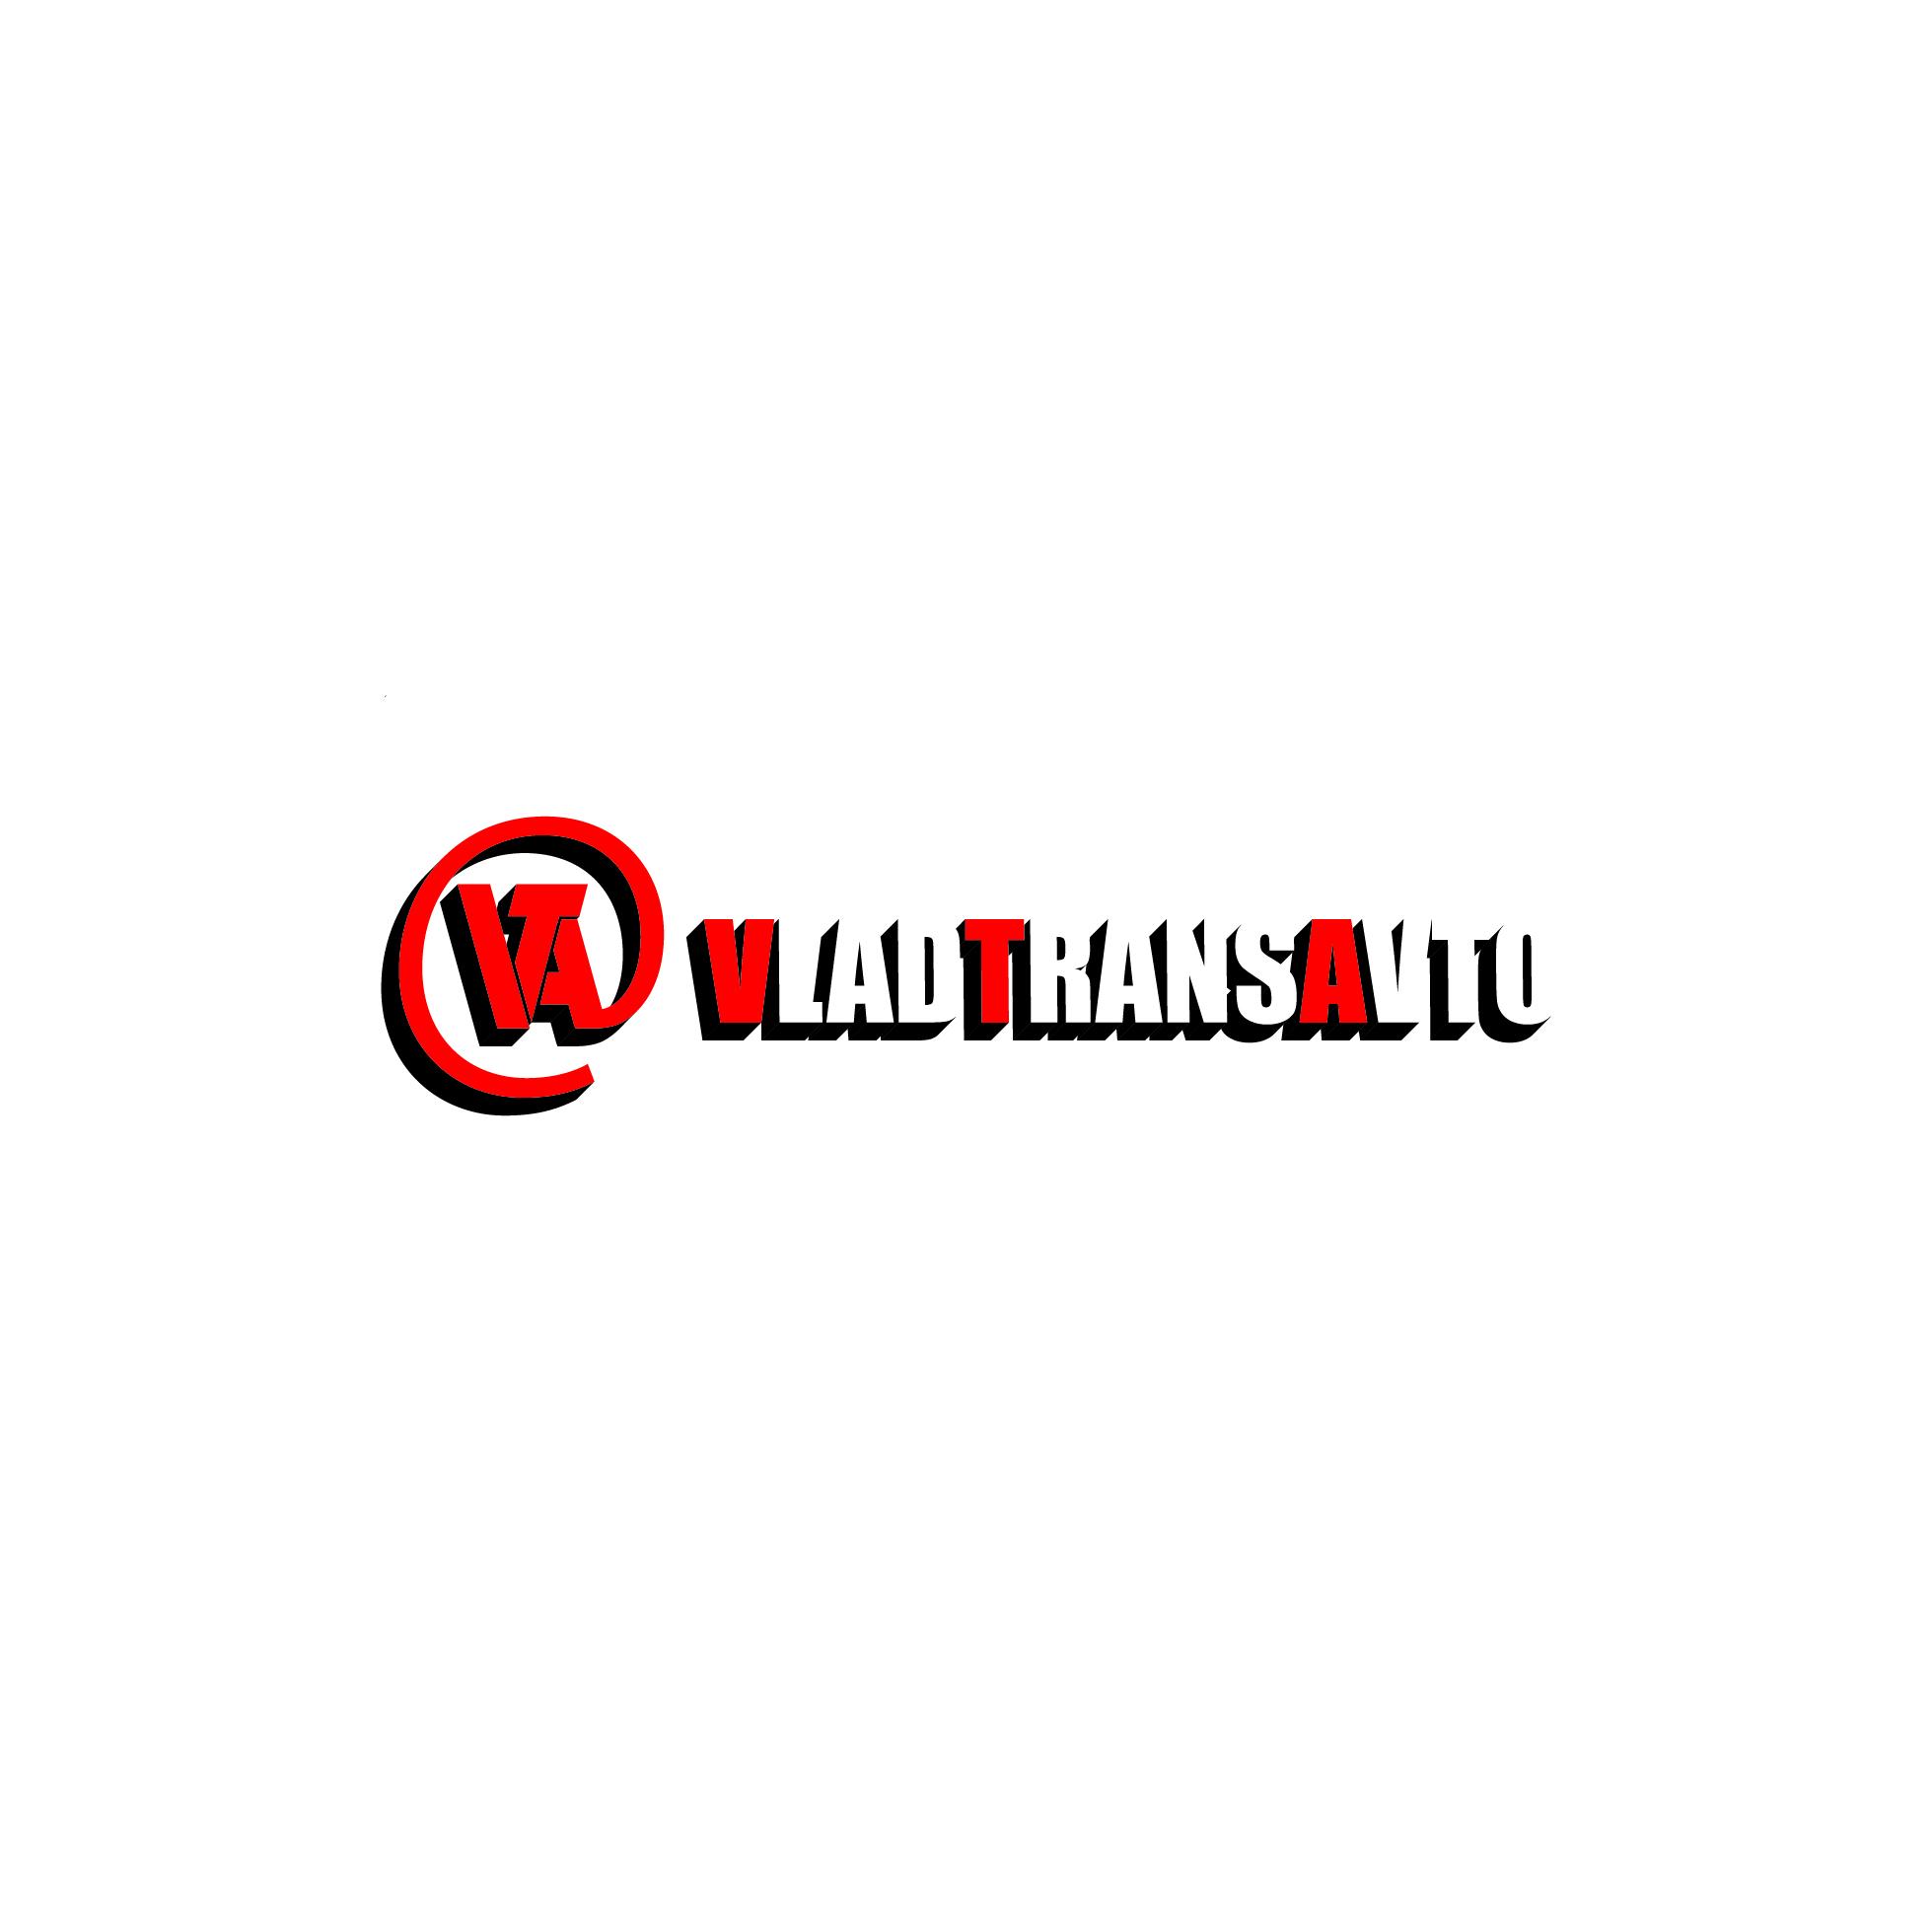 Логотип и фирменный стиль для транспортной компании Владтрансавто фото f_8005cde94ce7c6be.jpg